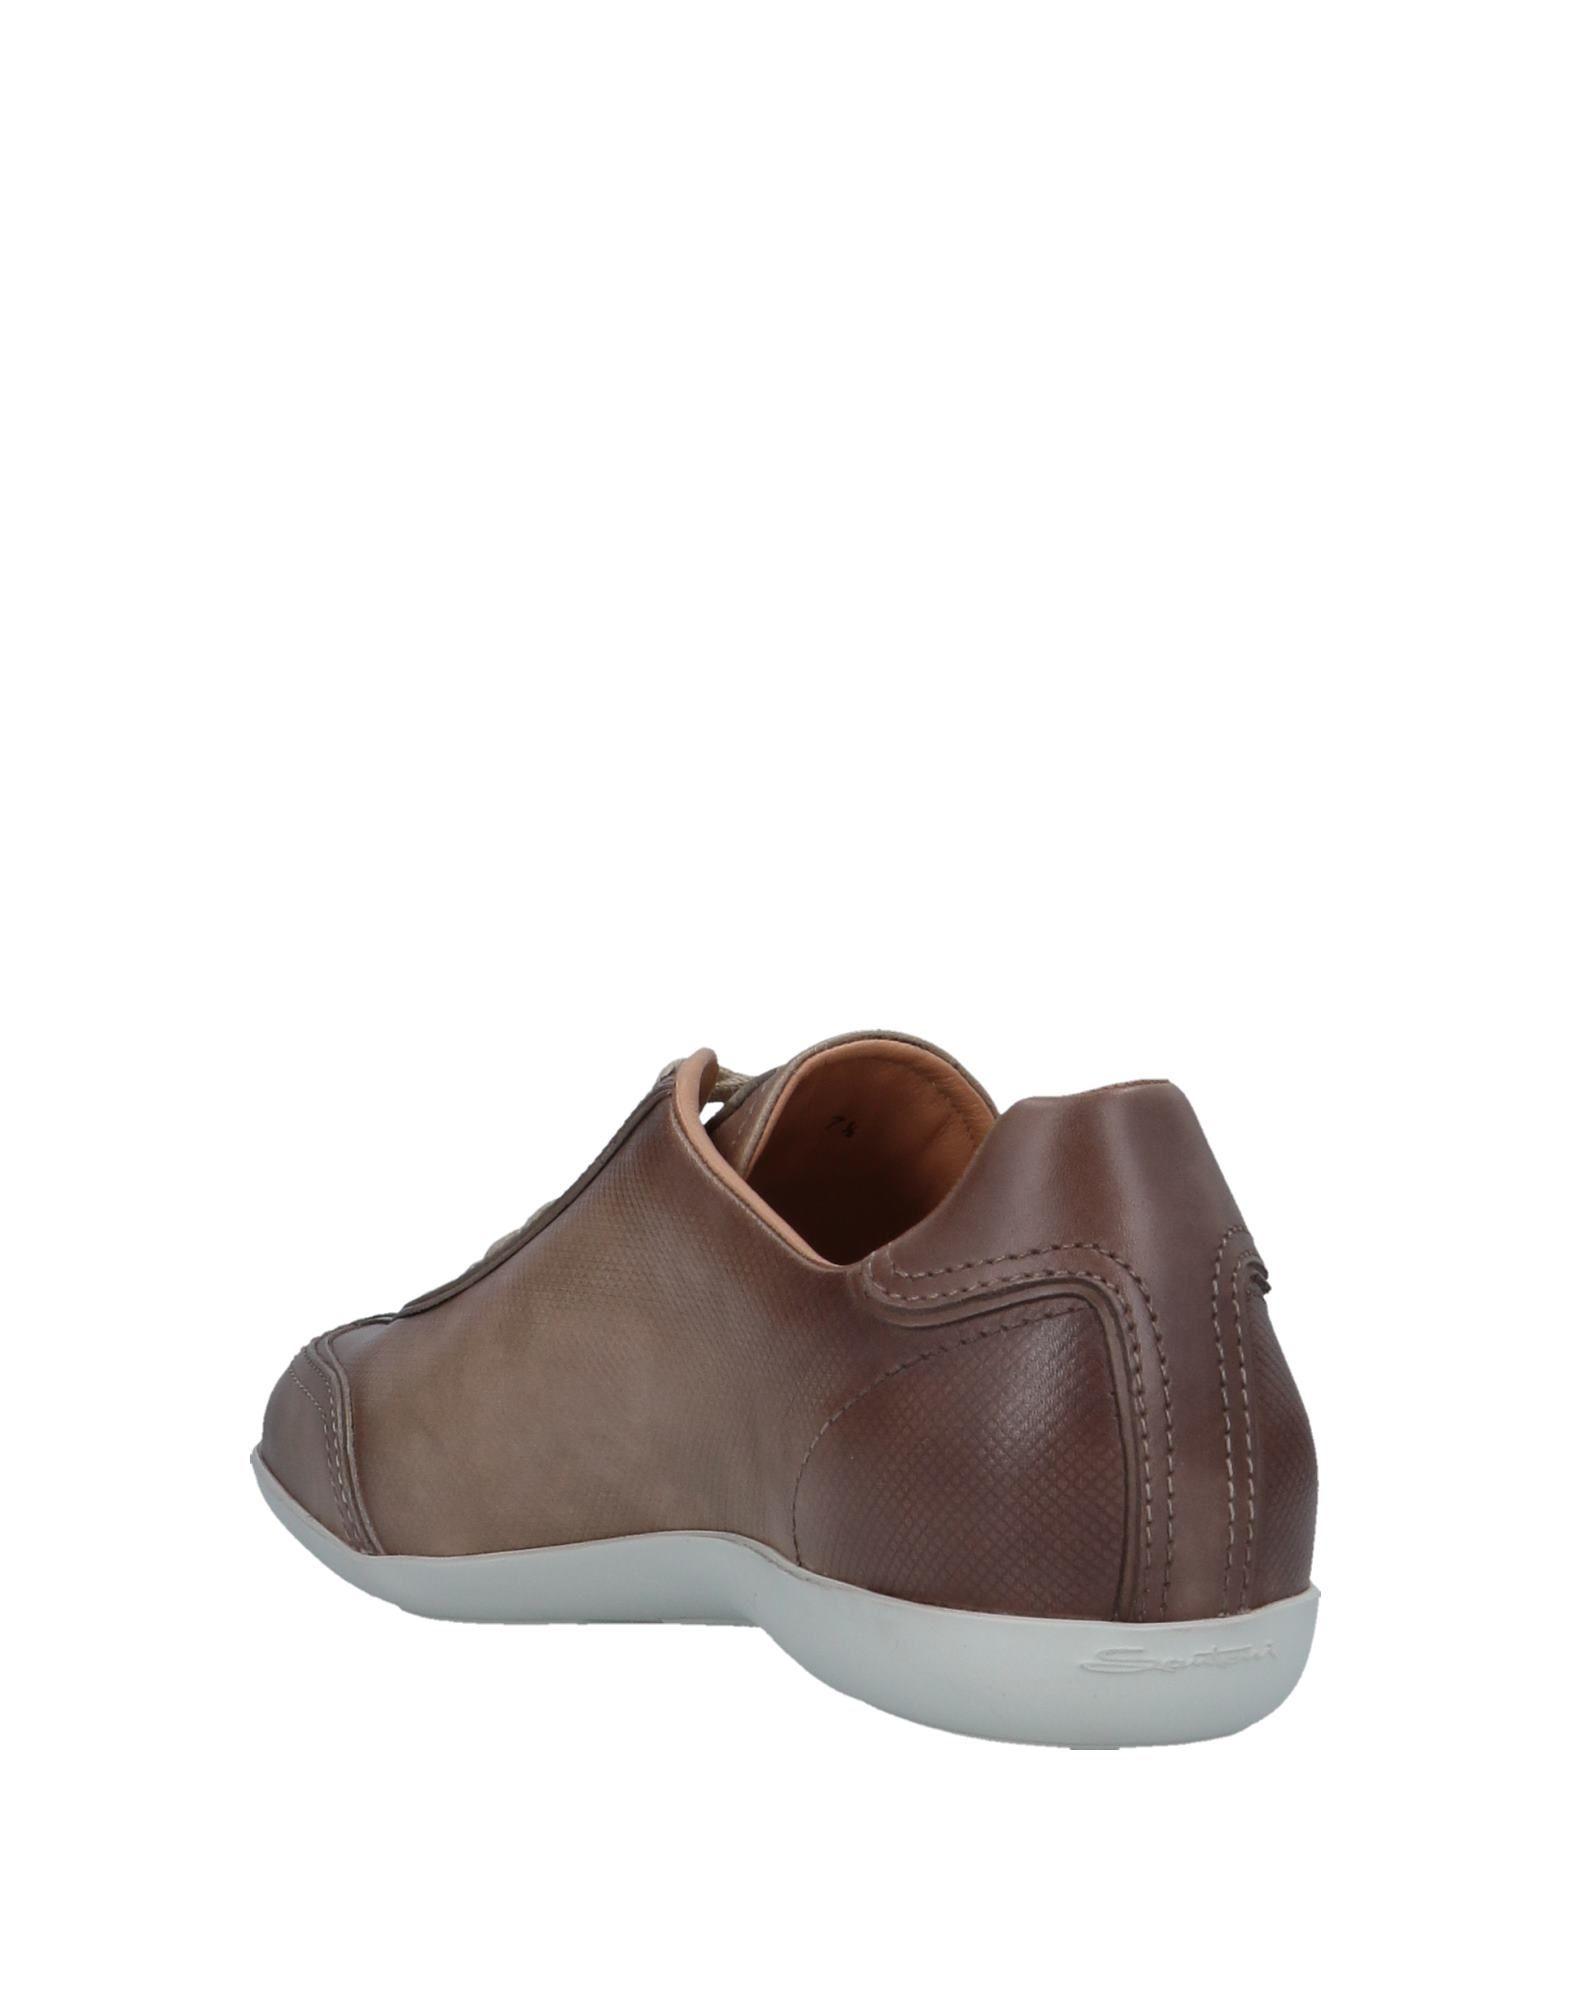 Santoni Sneakers Qualität Herren  11541485XI Gute Qualität Sneakers beliebte Schuhe bdbc48